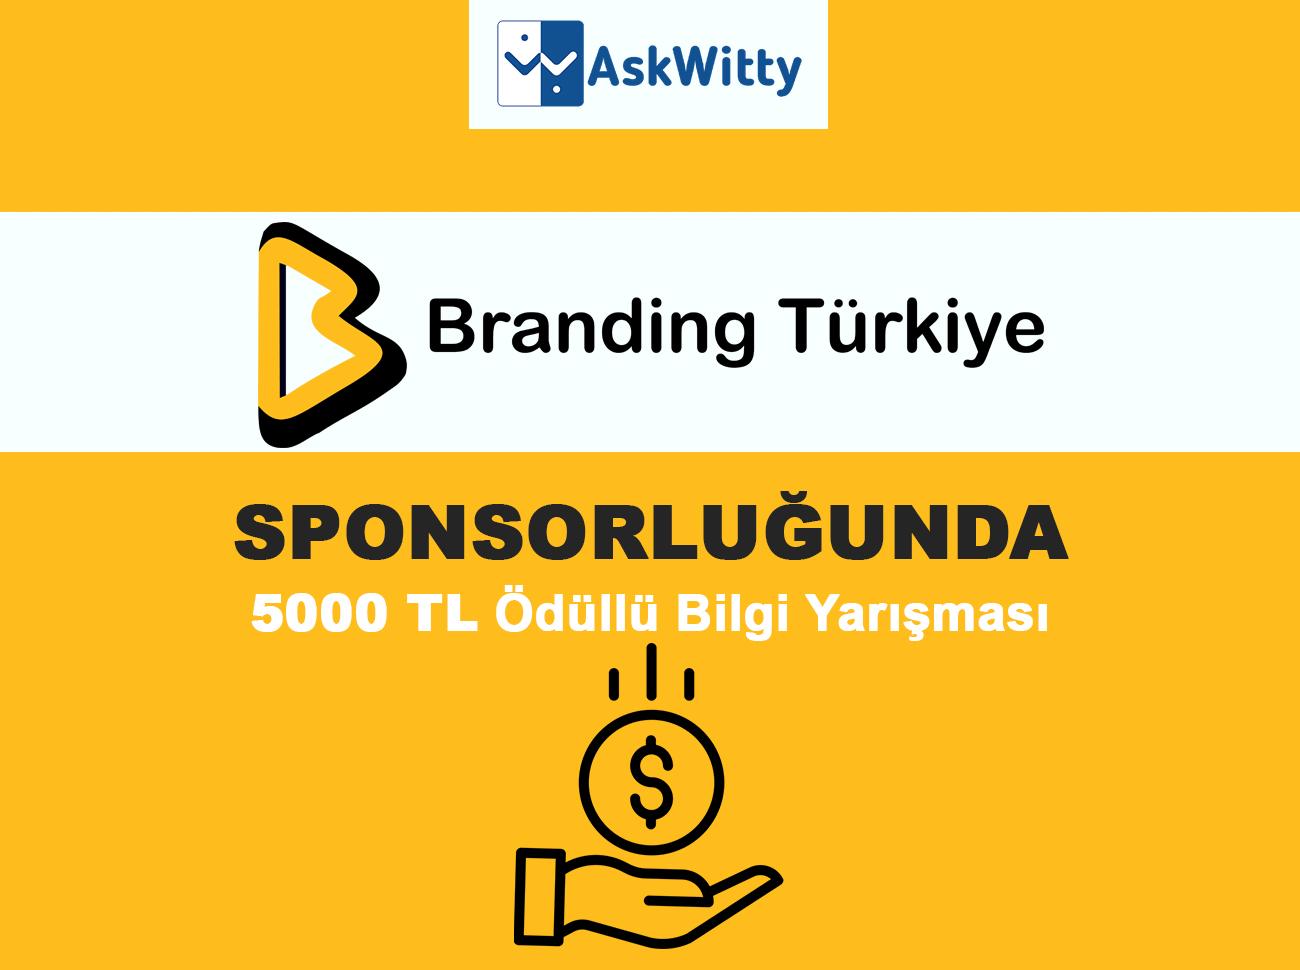 Branding Türkiye 20 Mayıs'ta AskWitty'de 5000 TL Ödüllü Bilgi Yarışması Gerçekleştirecek